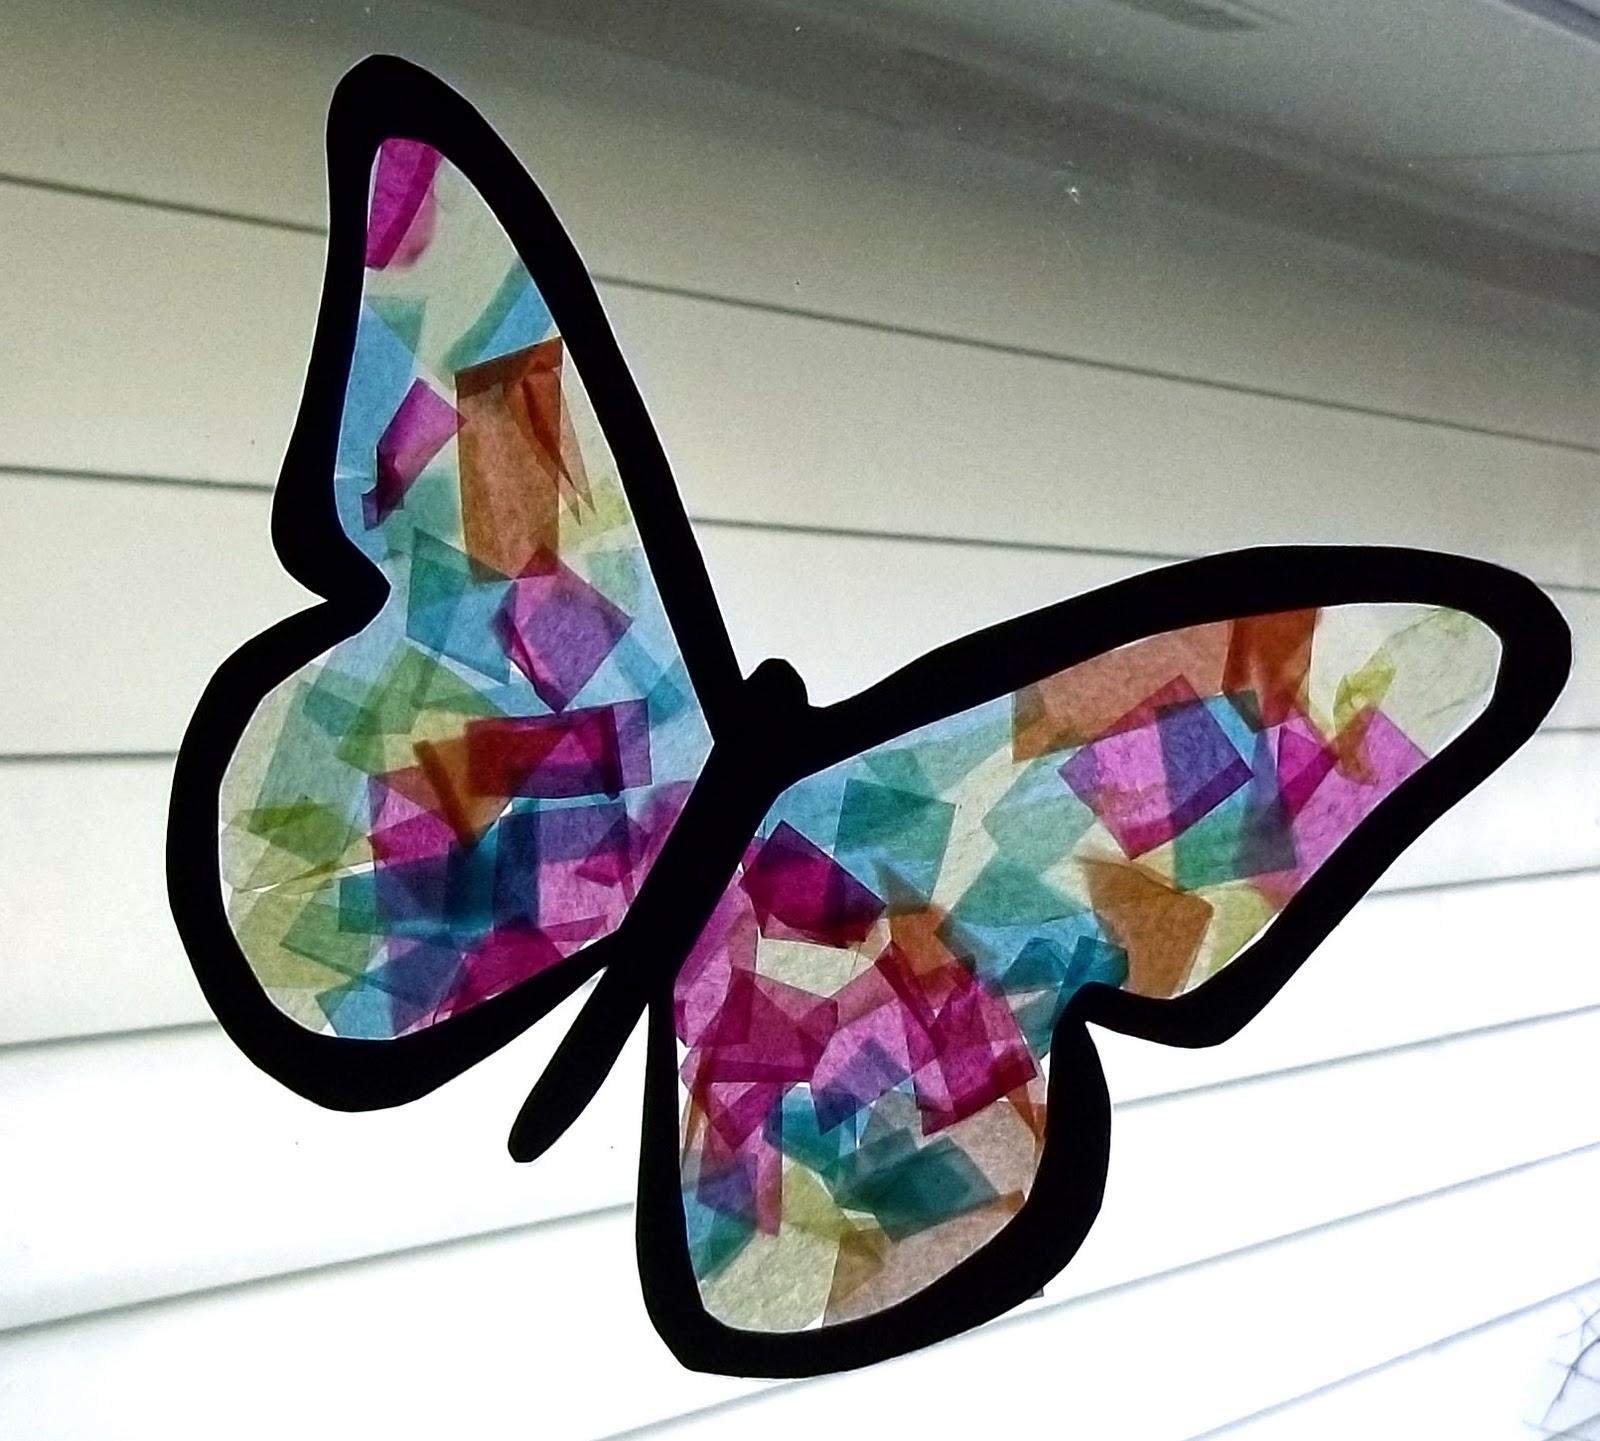 Lavoretti Sulle Farfalle Come Realizzarle Con Materiali Da Riciclo